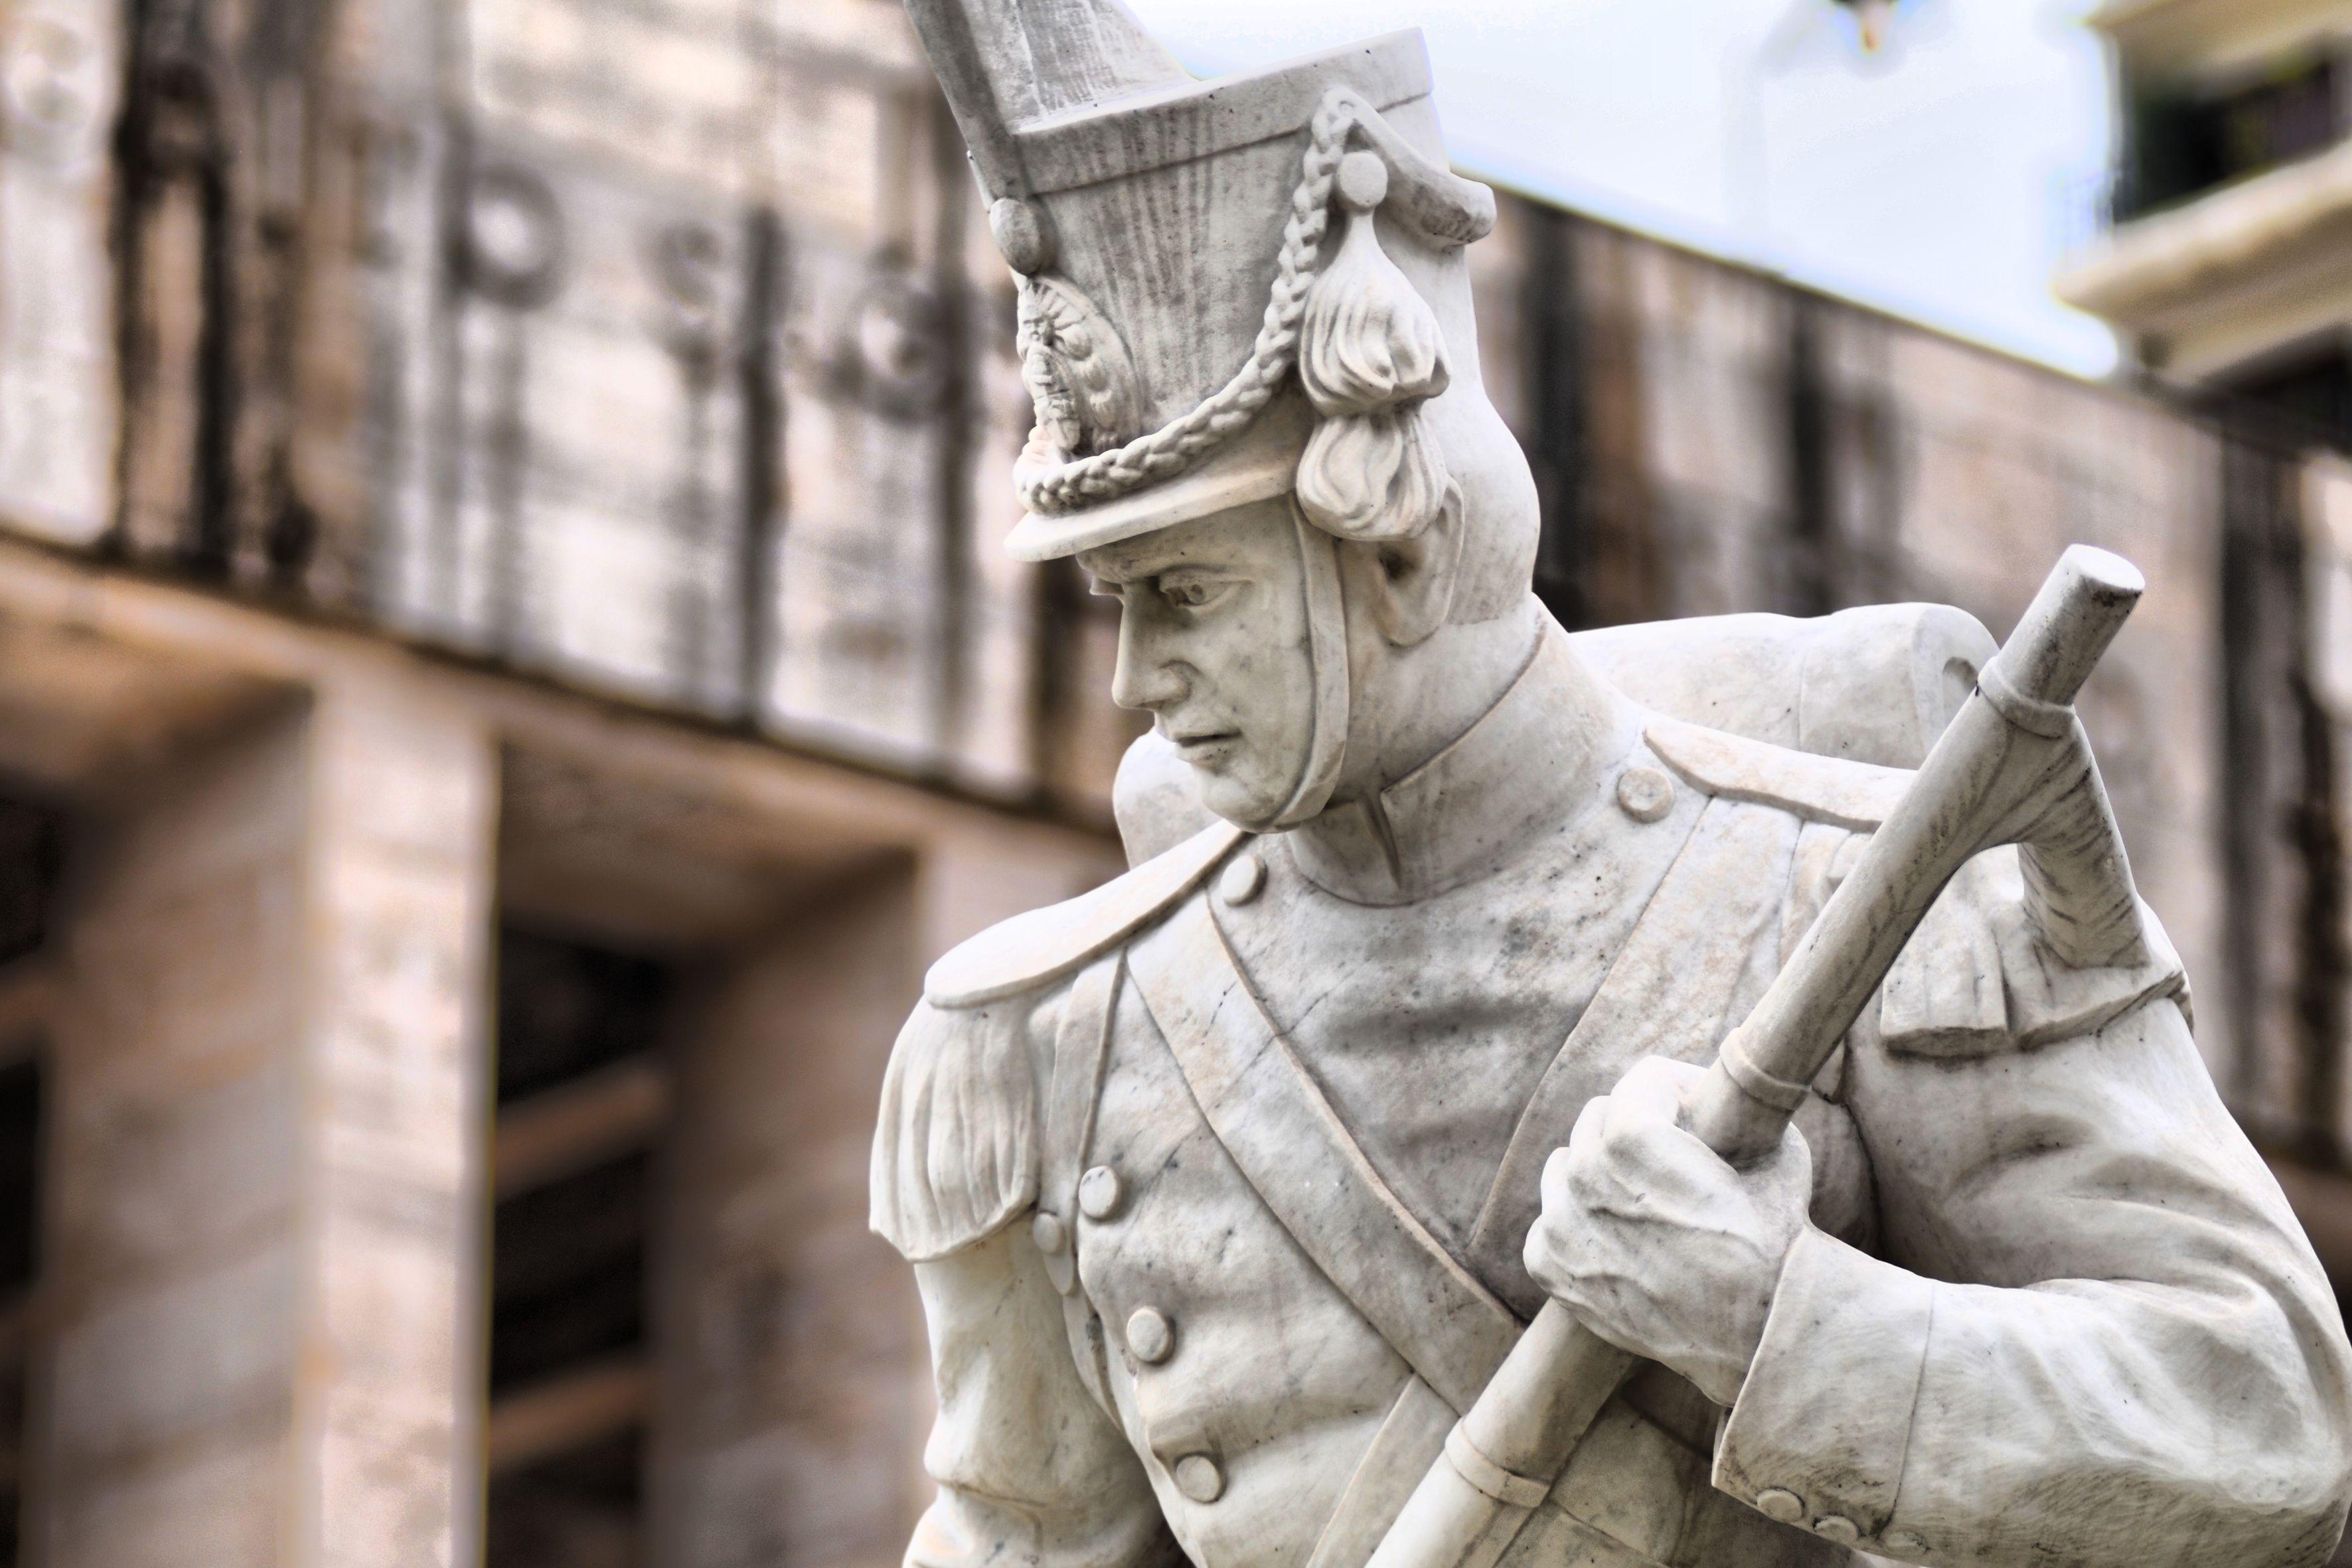 Los granaderos, héroes de la Patria que habitan el Pasaje Juramento.